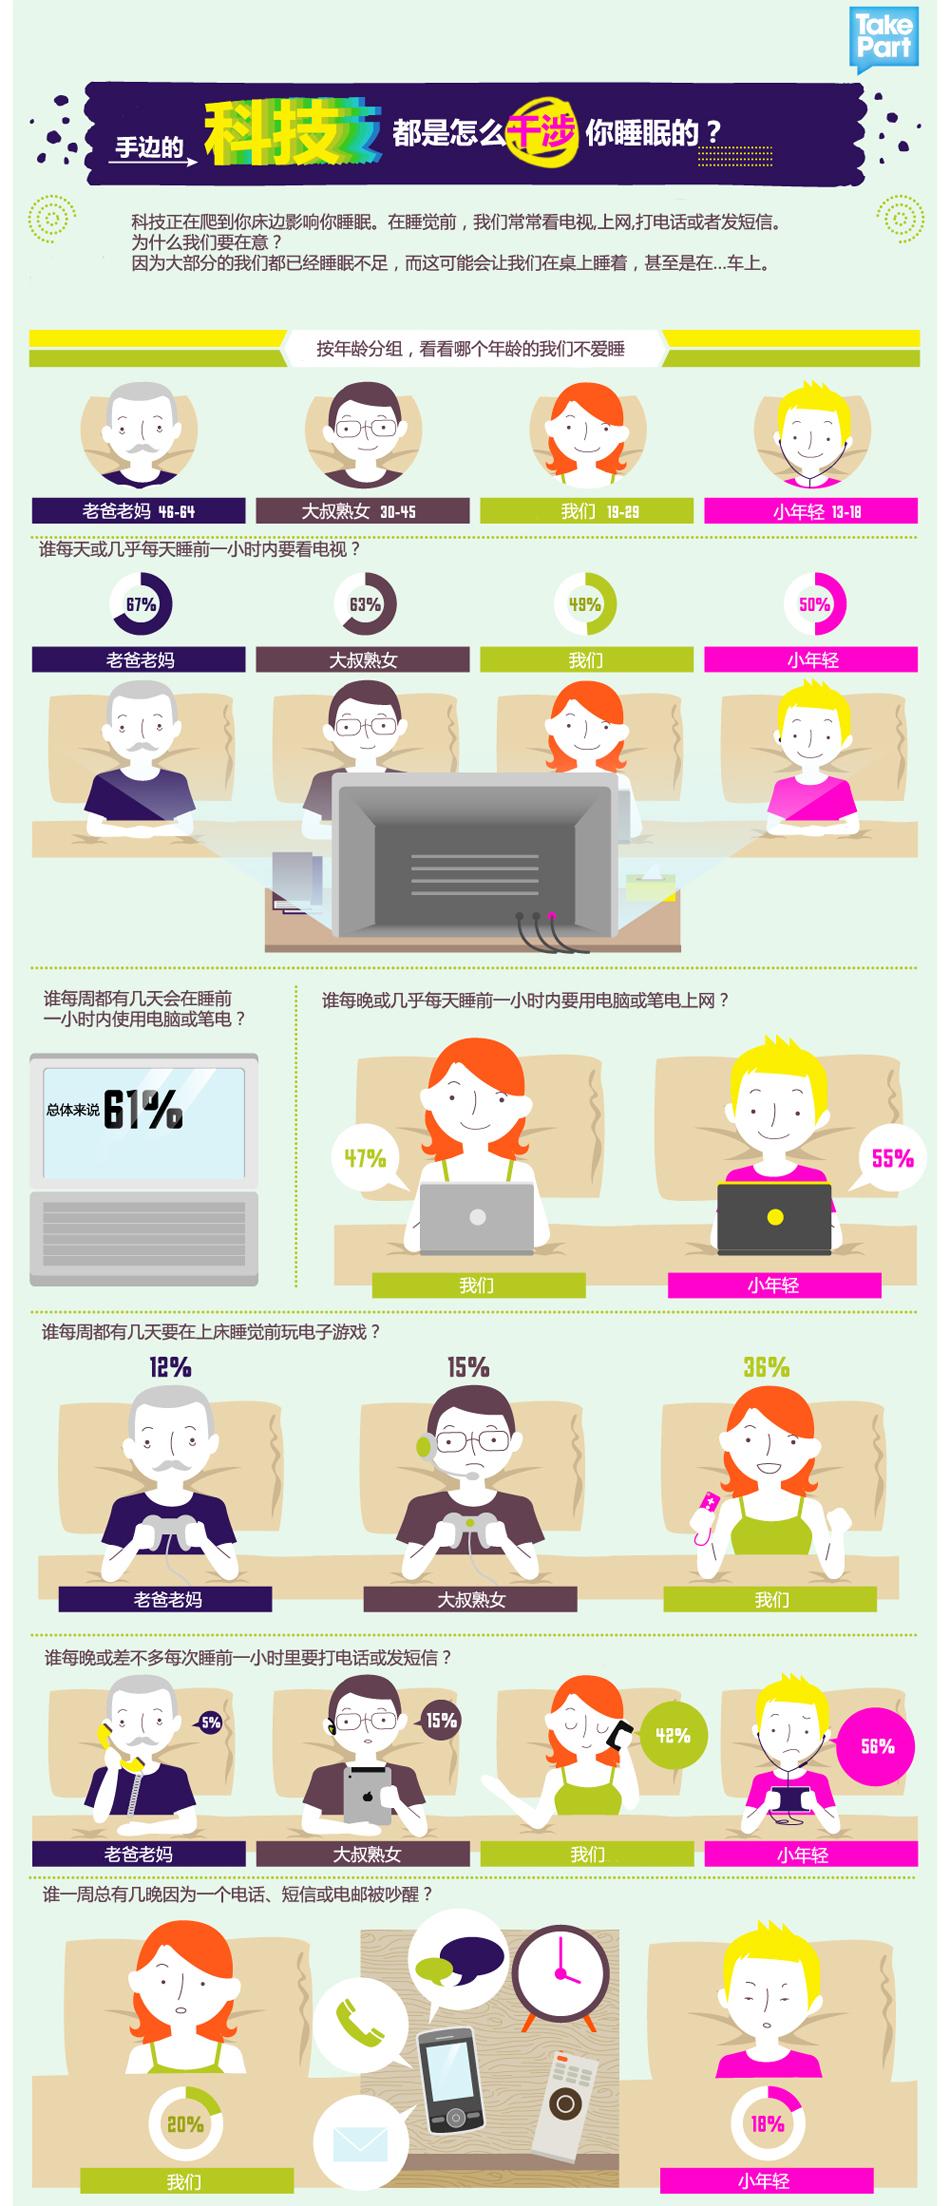 信息图第207期――手边的科技是如何干涉你的睡眠的?